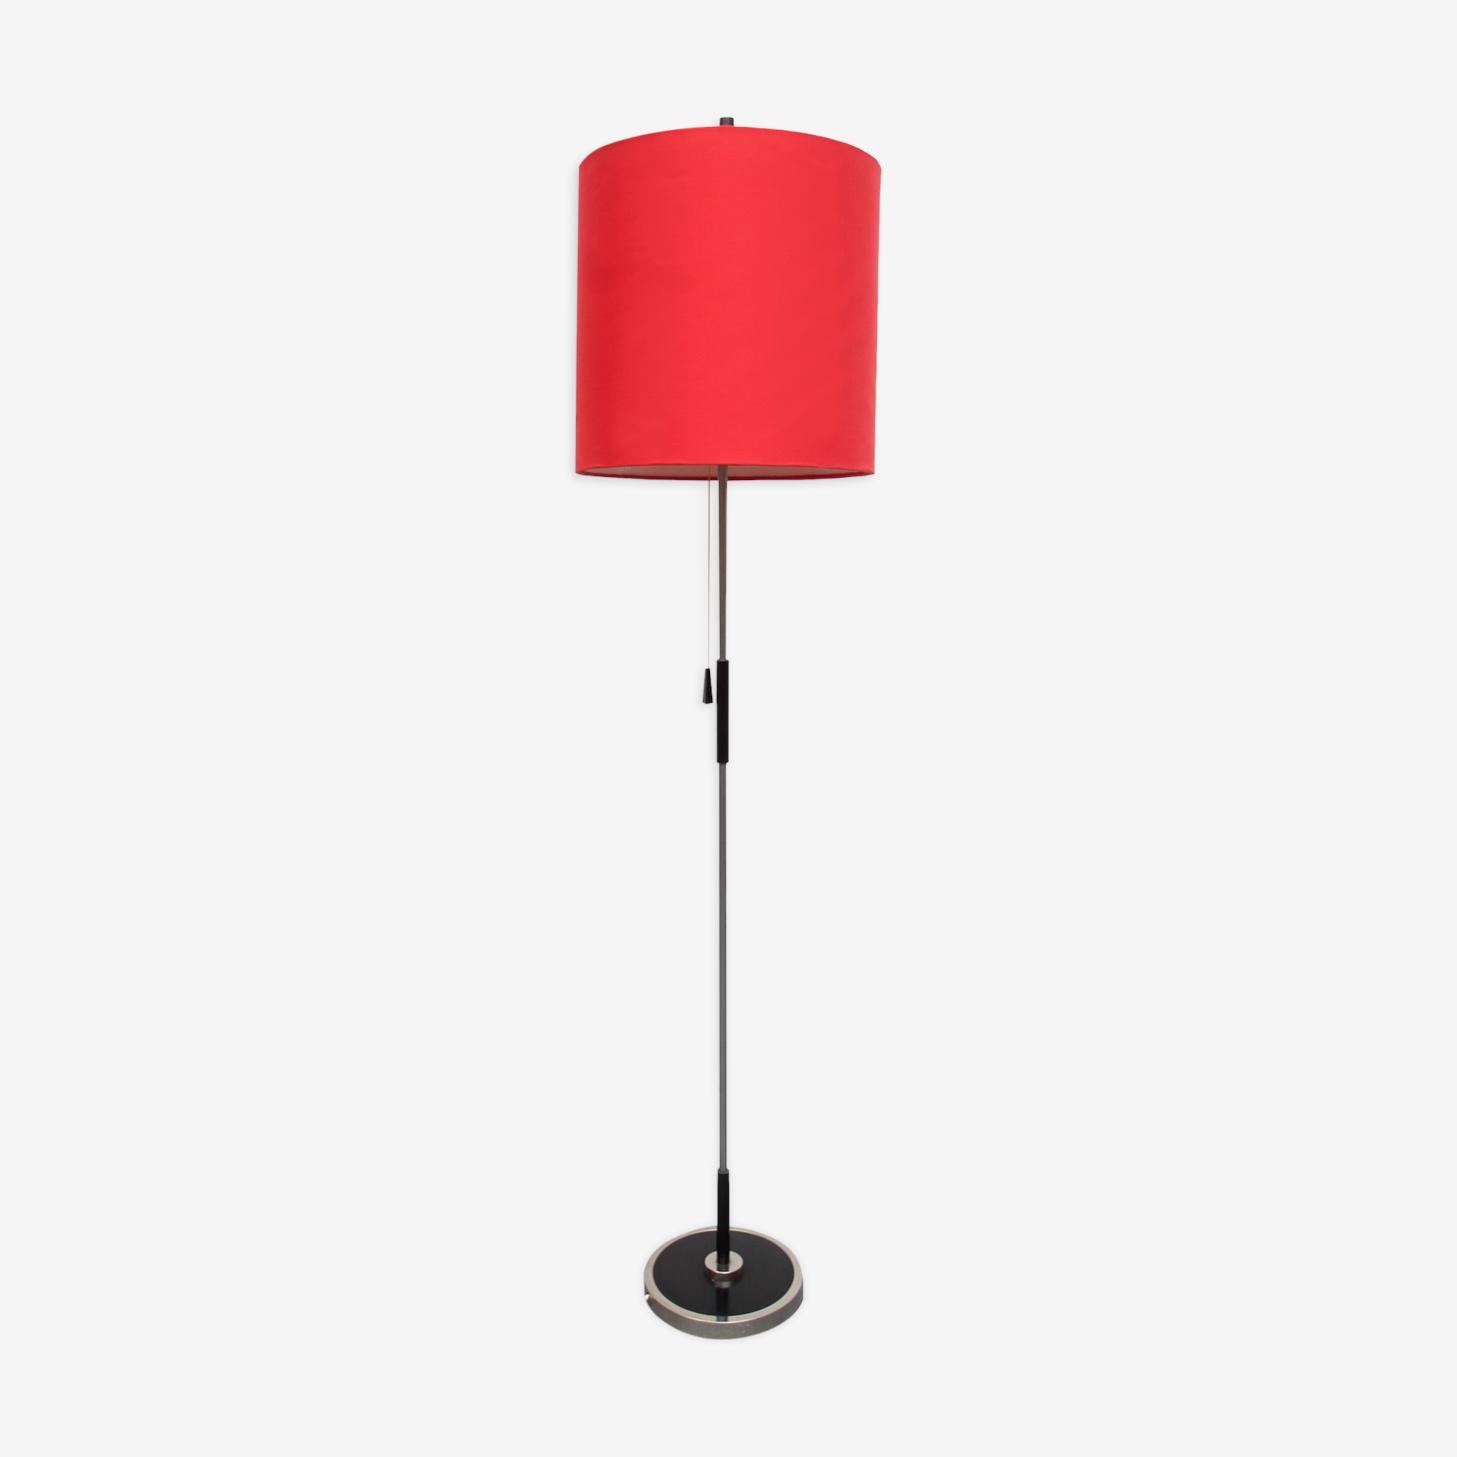 Lampadaire des années 1960 rouge